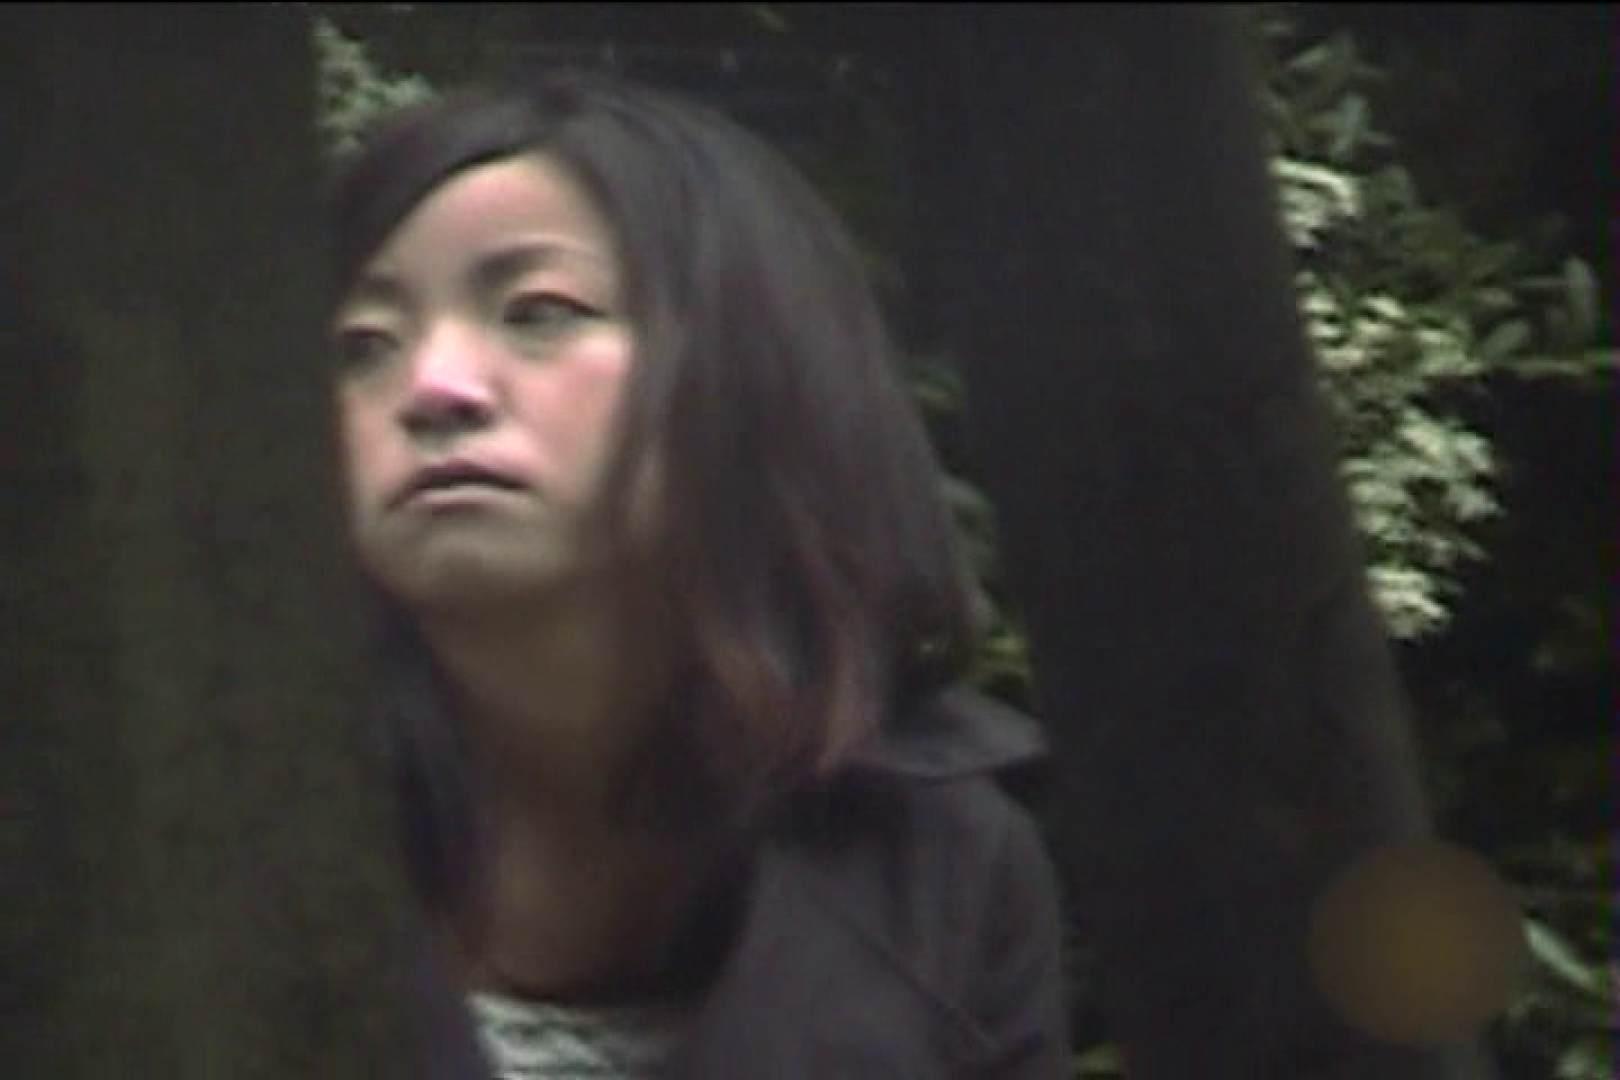 あなたの唇 奪い隊!! vol.1 超エロギャル 隠し撮りオマンコ動画紹介 70枚 62